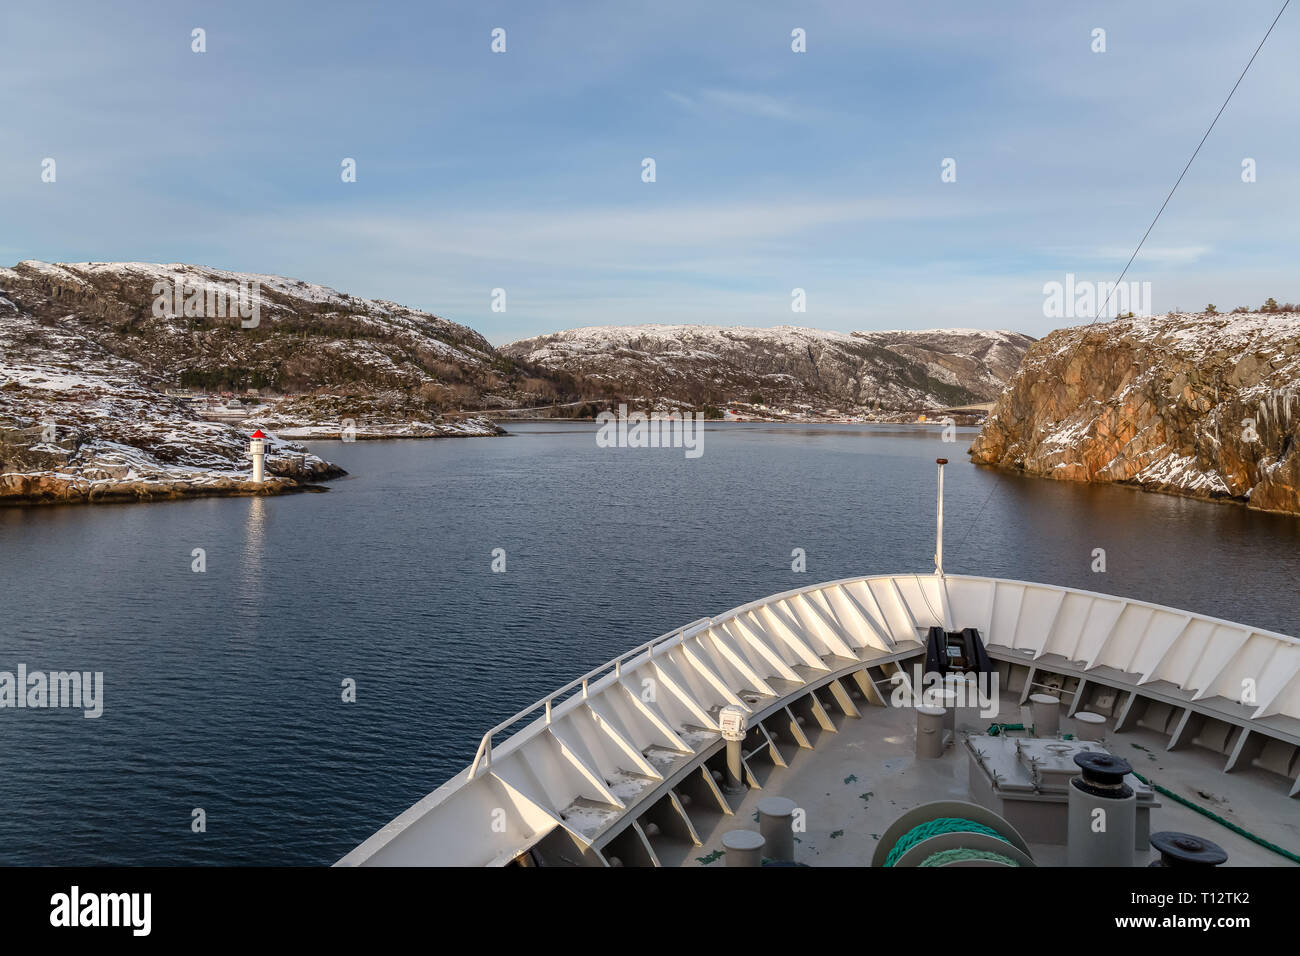 El crucero a través de los fiordos noruegos durante el invierno. Vista desde la parte delantera de un barco de crucero. Foto de stock